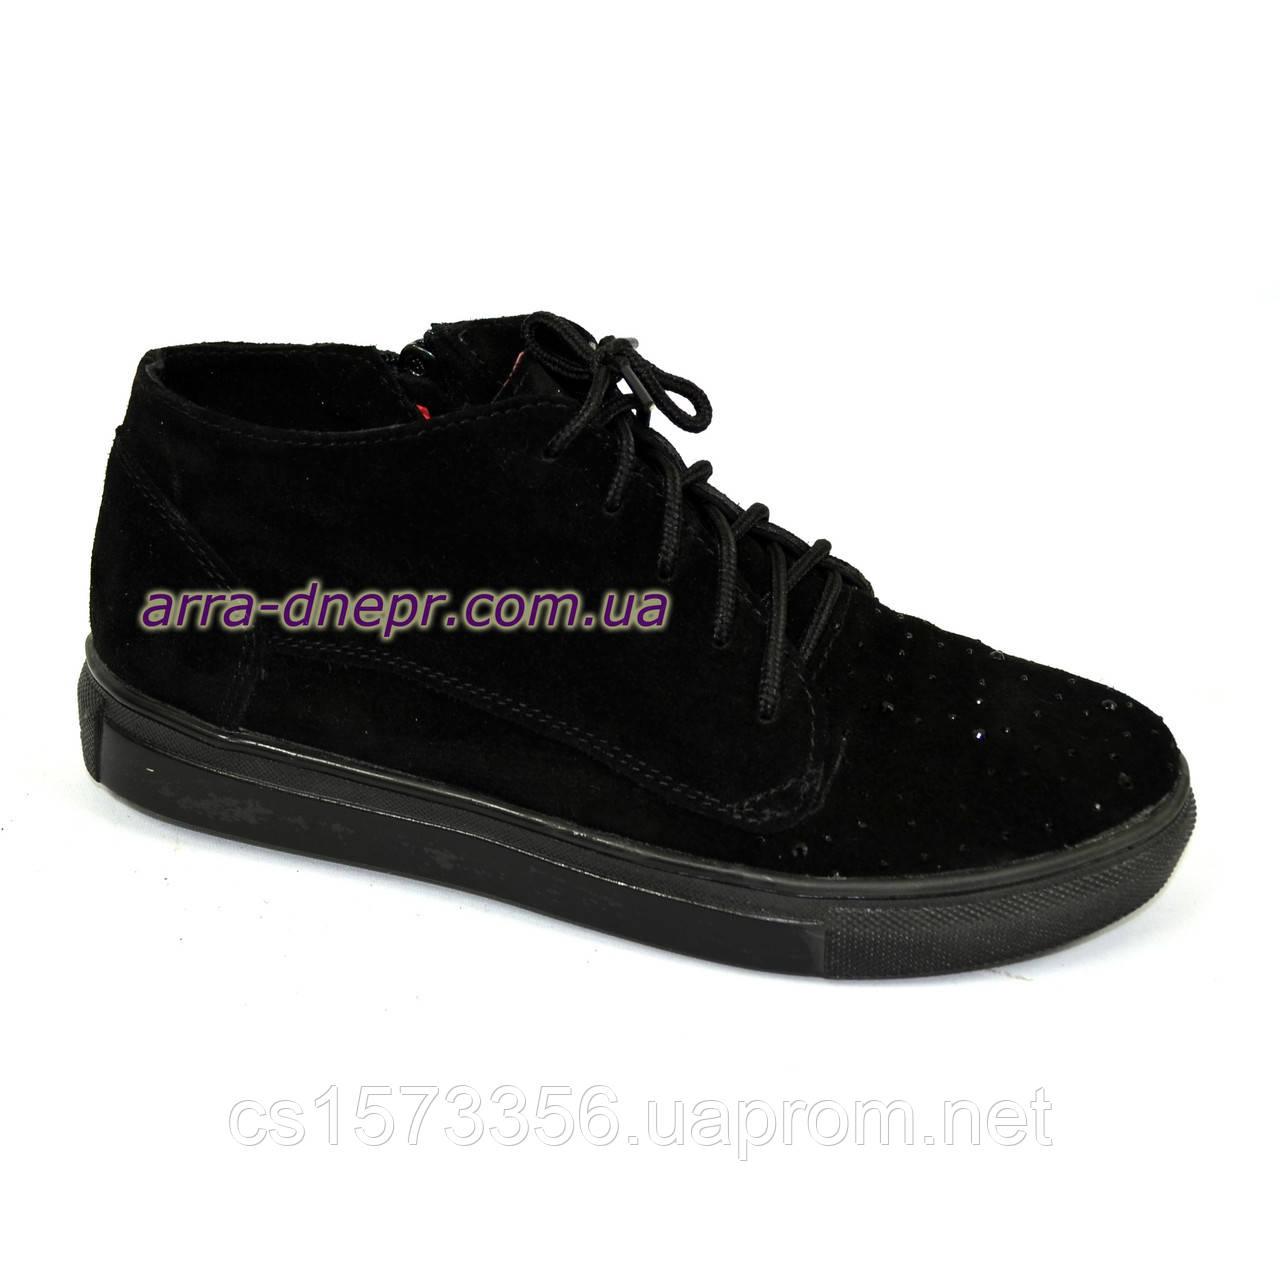 """Стильные женские ботинки из натуральной замши черного цвета, декорированы камнями.  ТМ """"Maestro"""""""